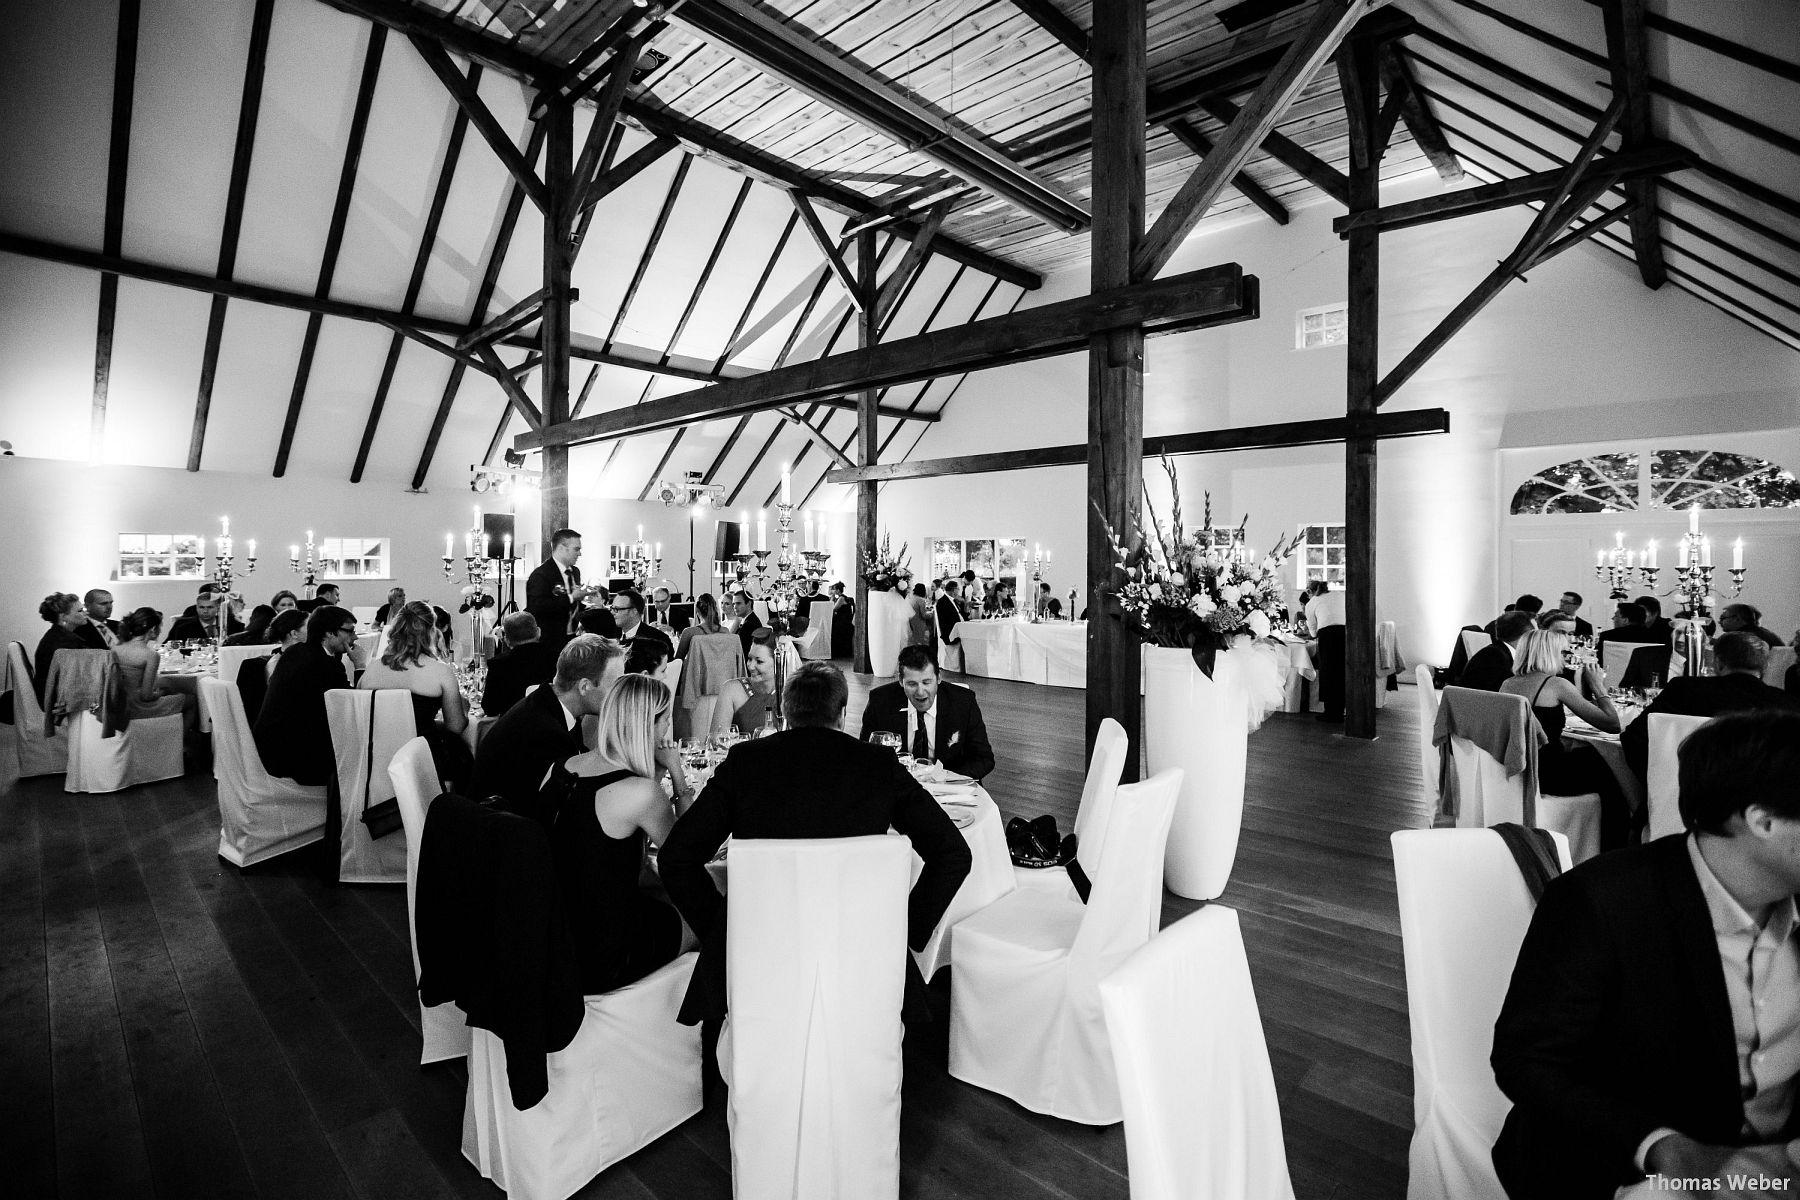 Hochzeitsfotograf Rastede: Kirchliche Trauung in der St. Ulrichs Kirche Rastede und Hochzeitsfeier in der Eventscheune St Georg Rastede mit dem Catering von Split Food (Michael Niebuhr) aus Oldenburg (47)